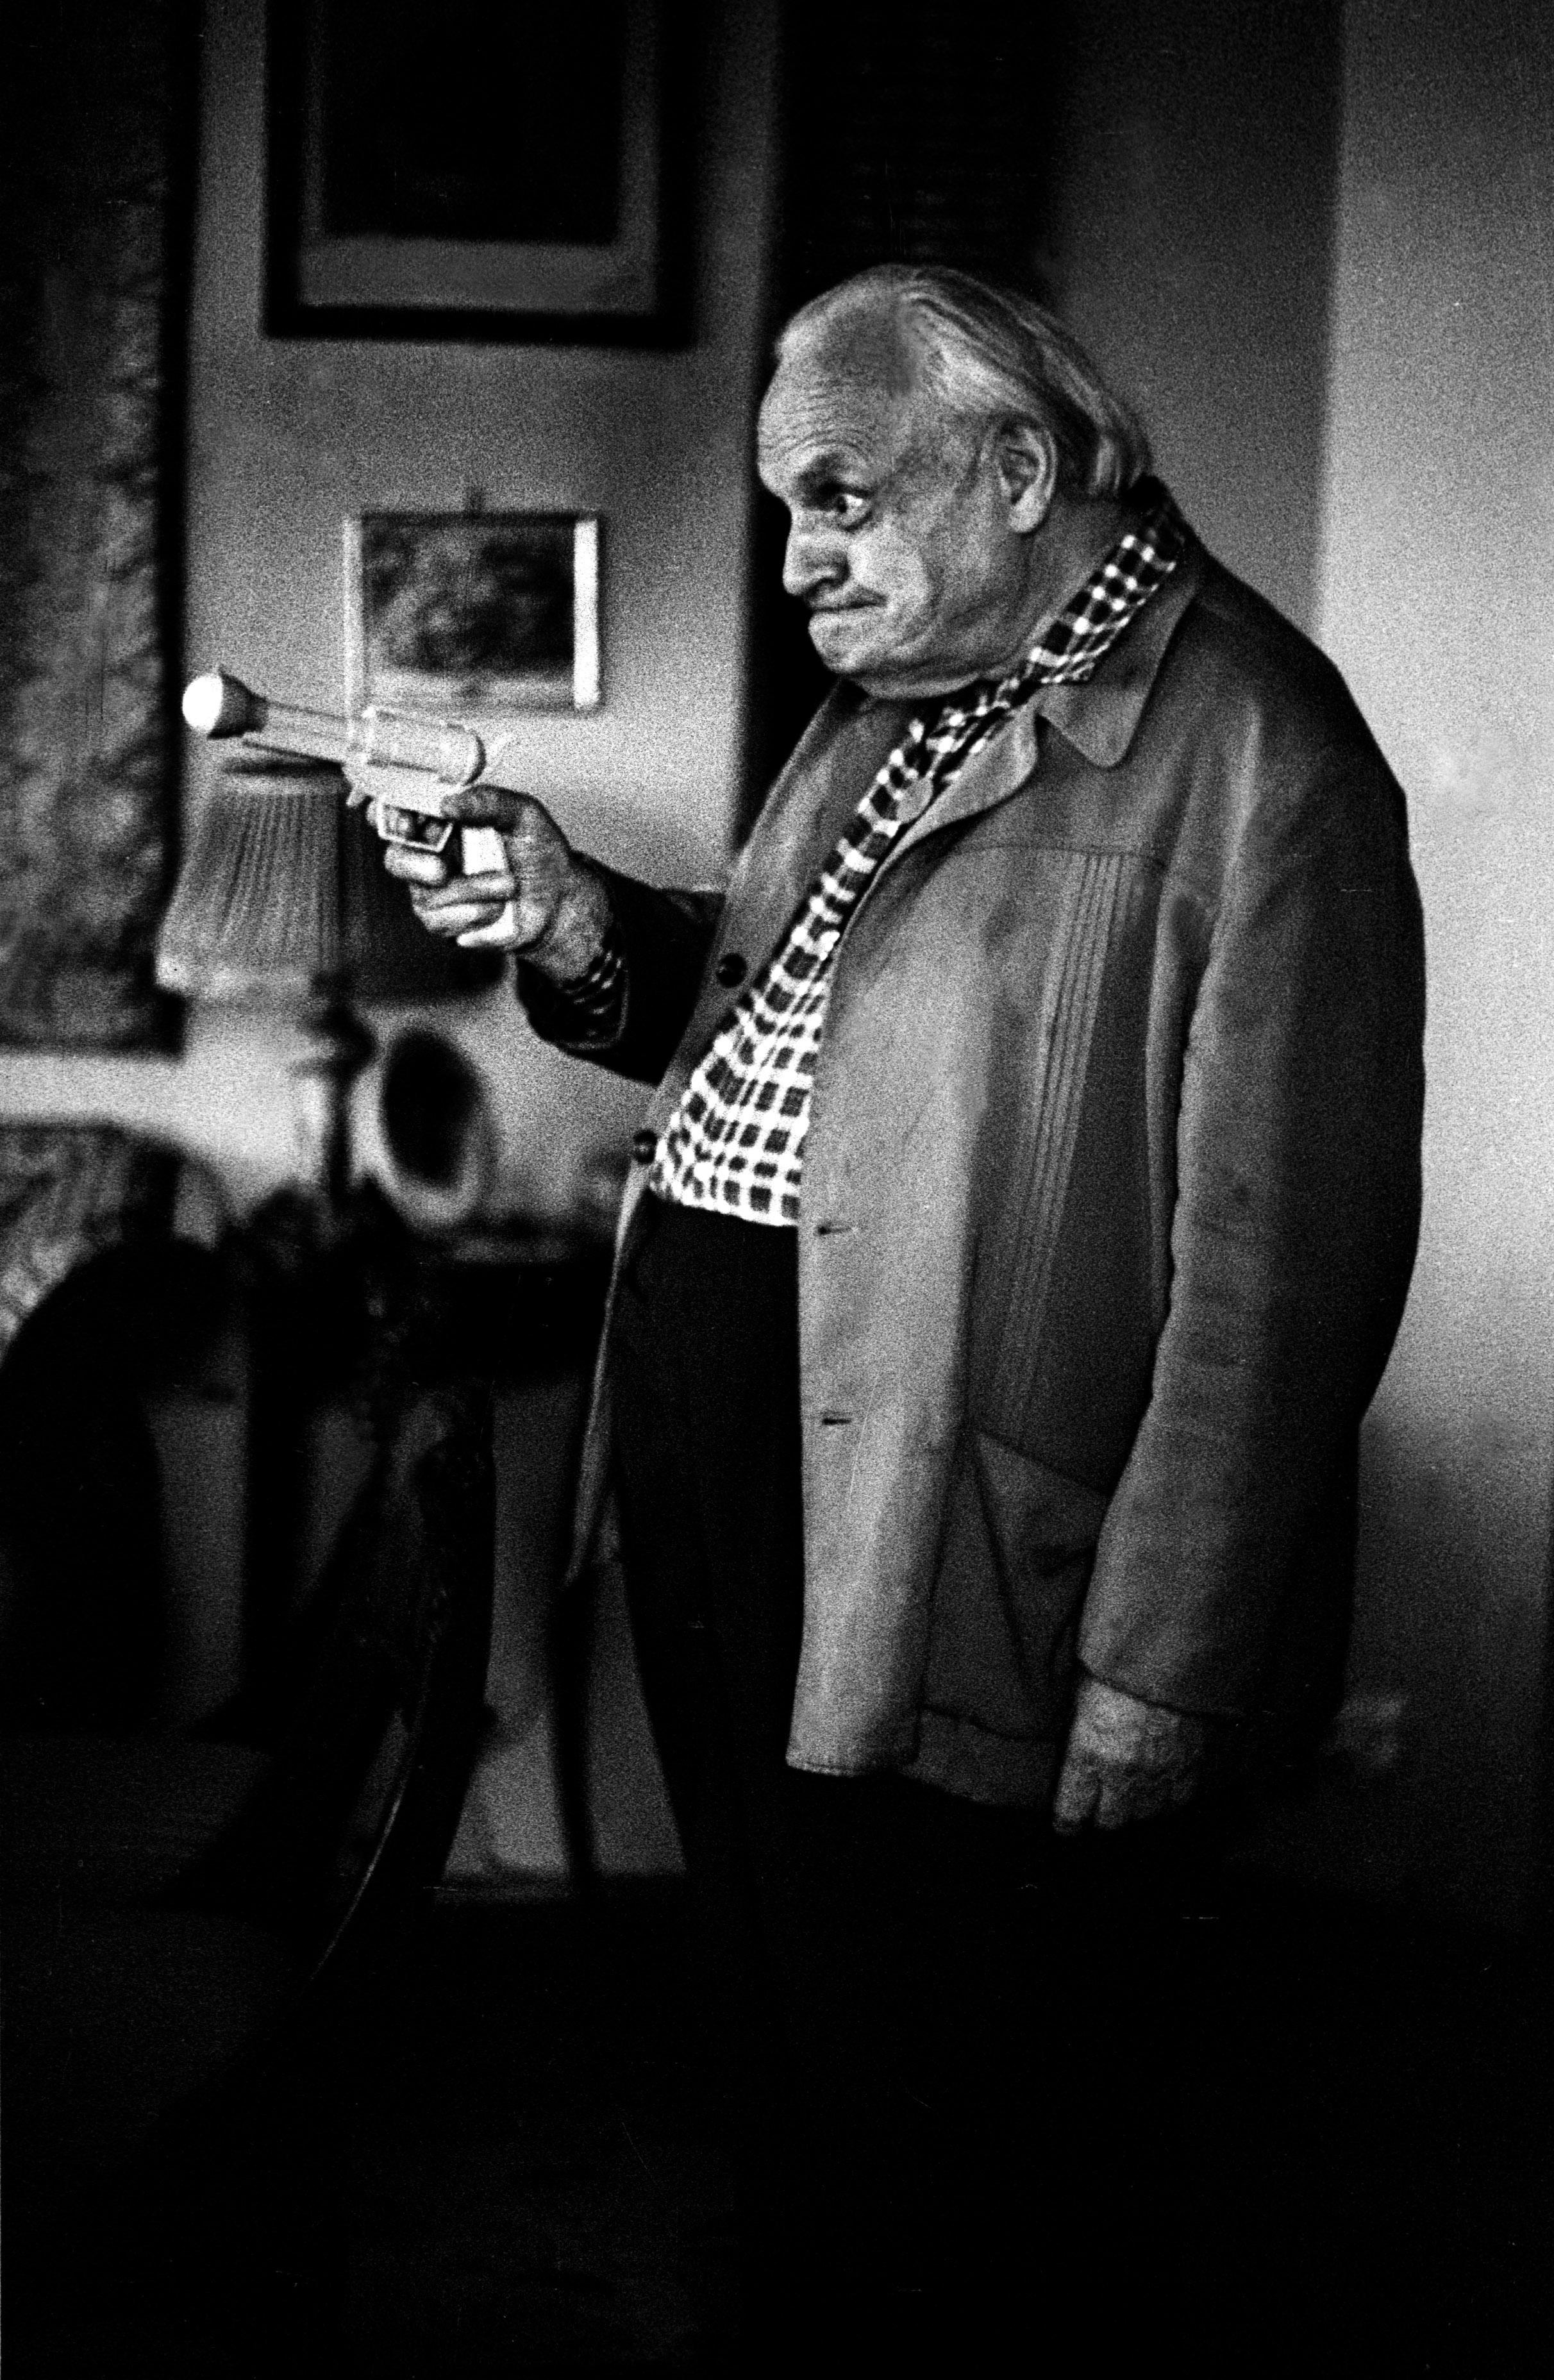 Warszawa, 06.1972. Melchior Wańkowicz, zdjęcie do wywiadu Krzysztofa Kąkolewskiego z Melchiorem Wańkowiczem. Fot. Aleksander Jałosiński/FORUM